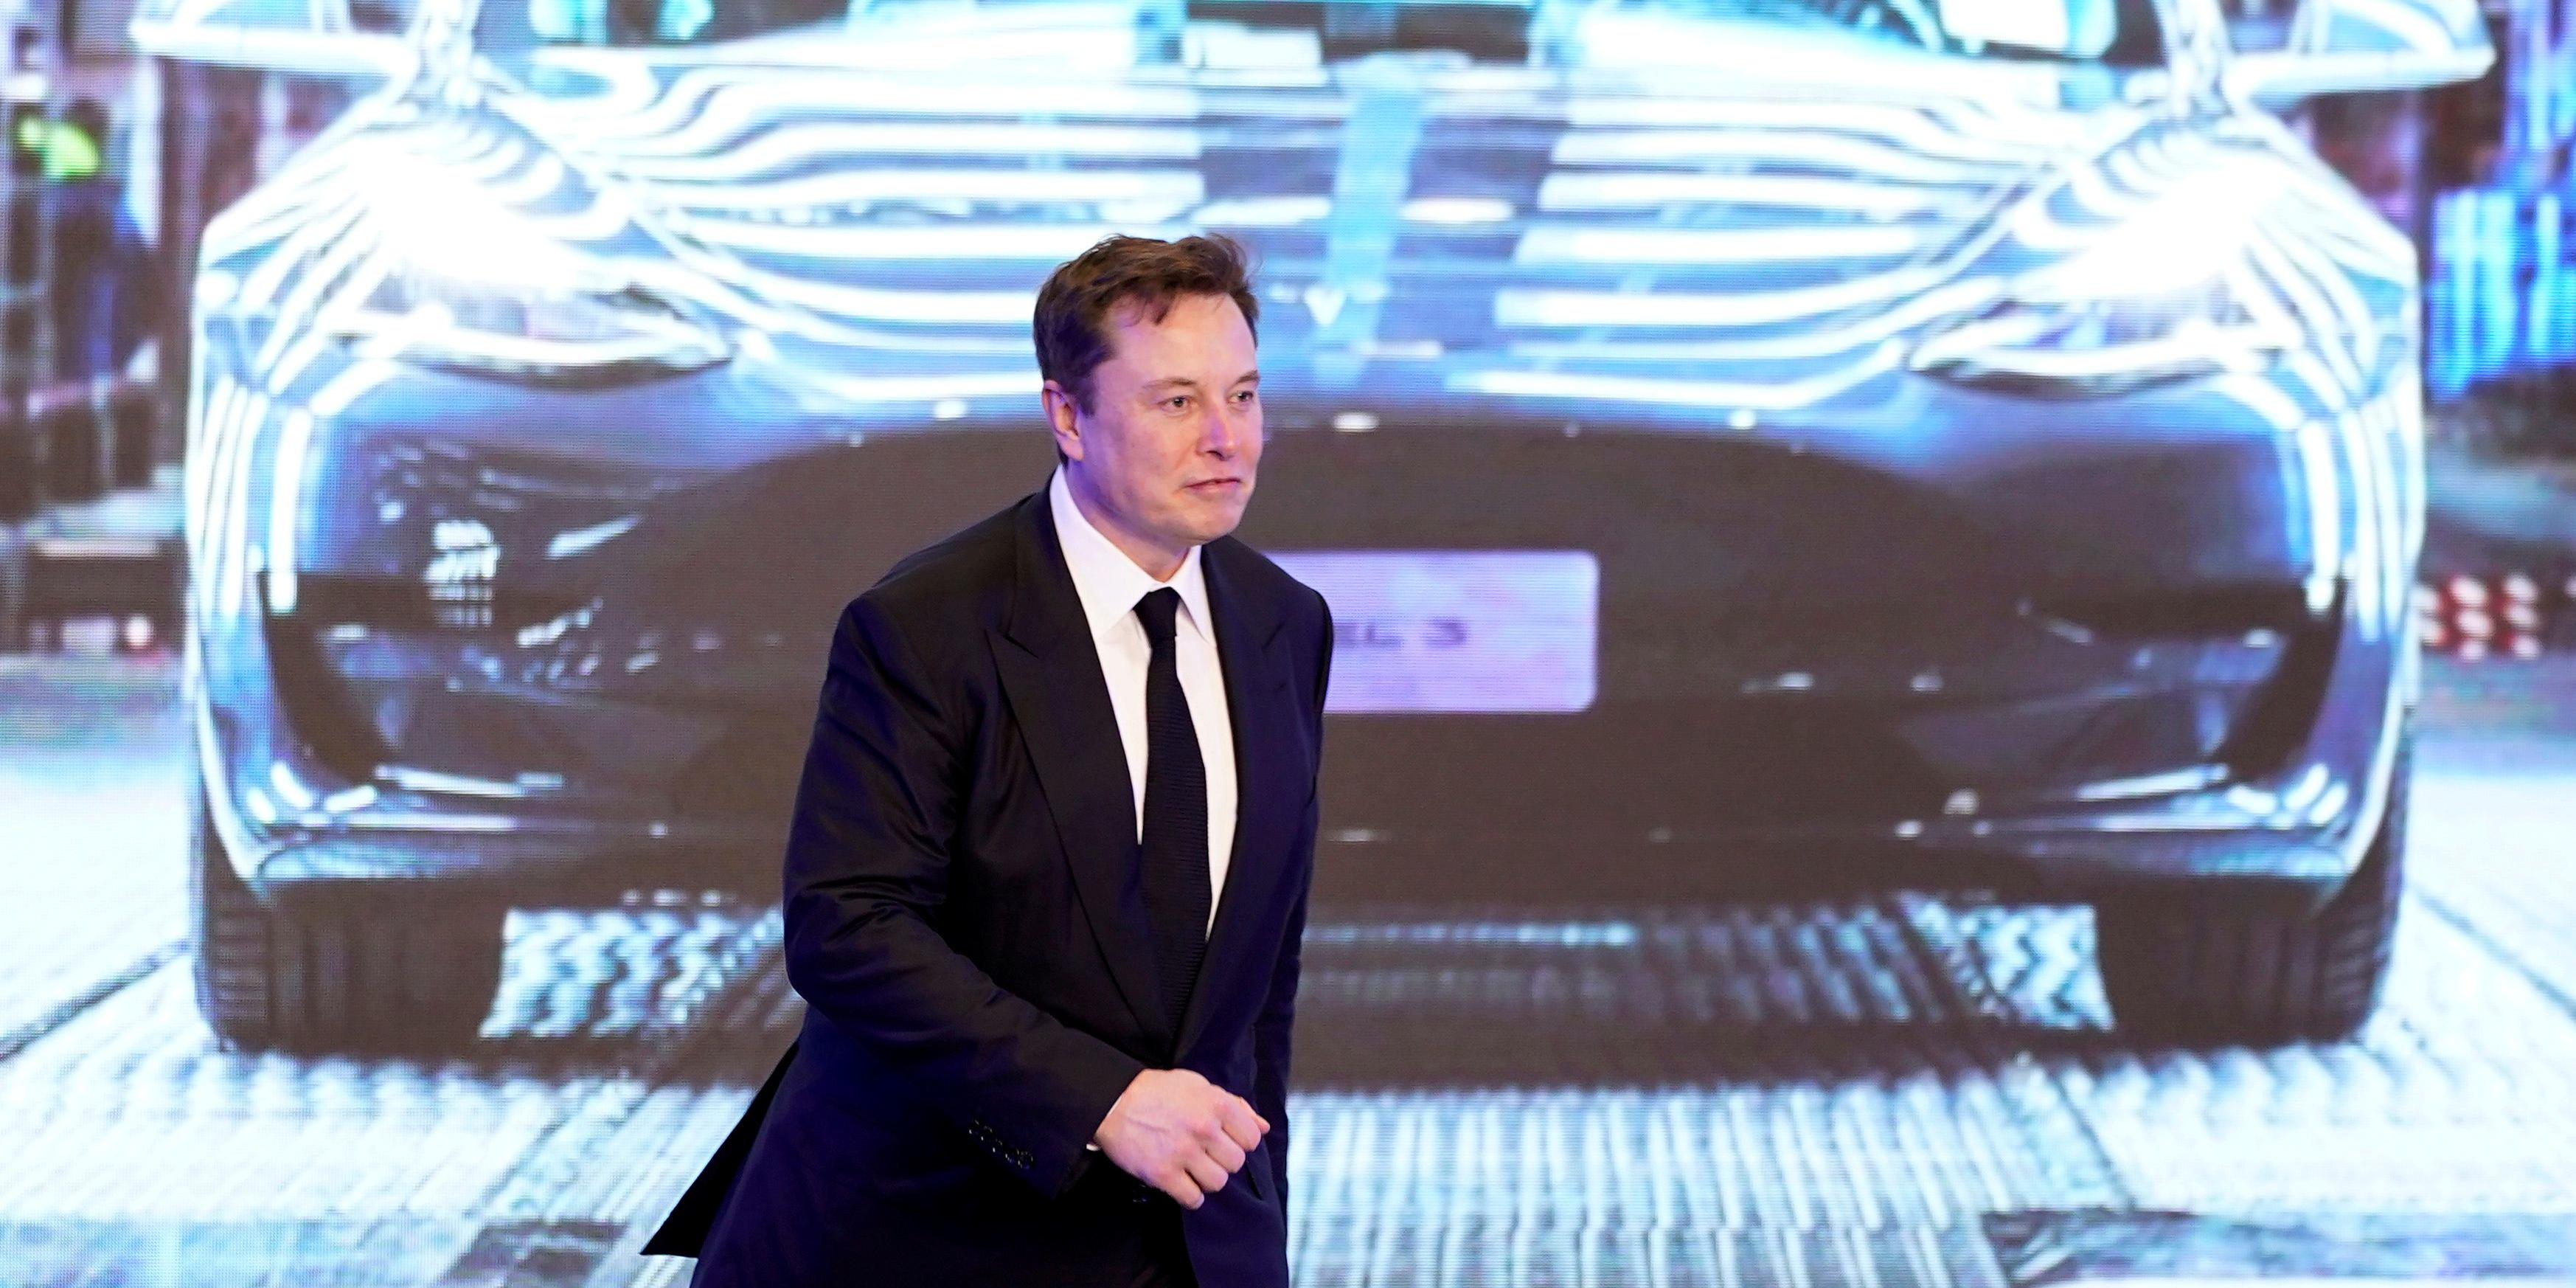 Voitures électriques: Tesla promet de diviser par deux le coût des batteries